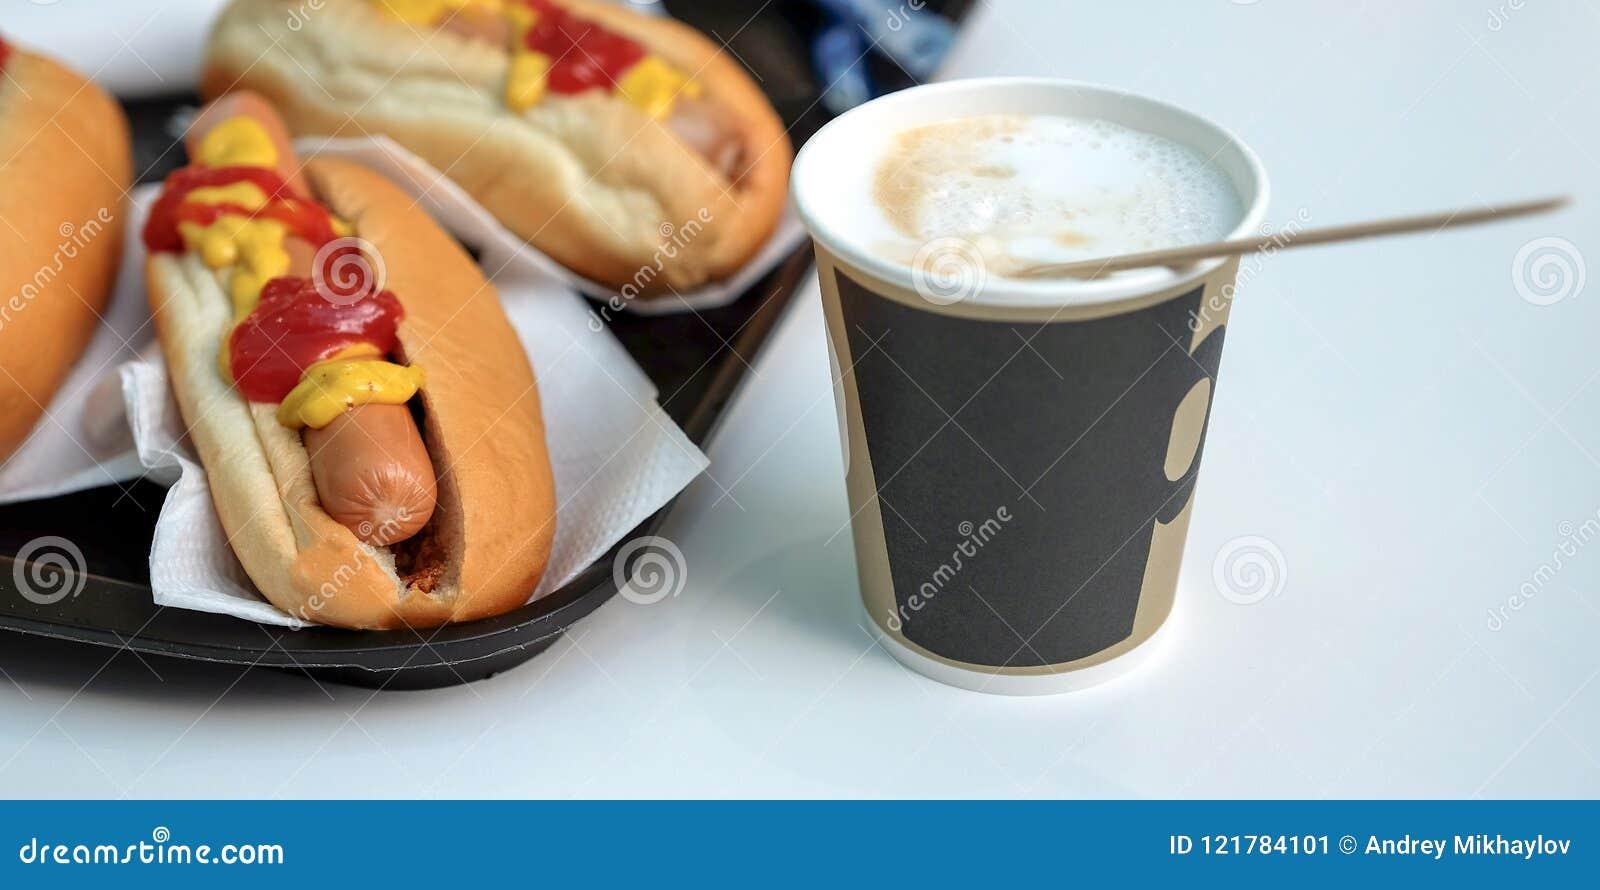 Le-chiens, sauce, ketchup, café avec du lait dans une tasse latte